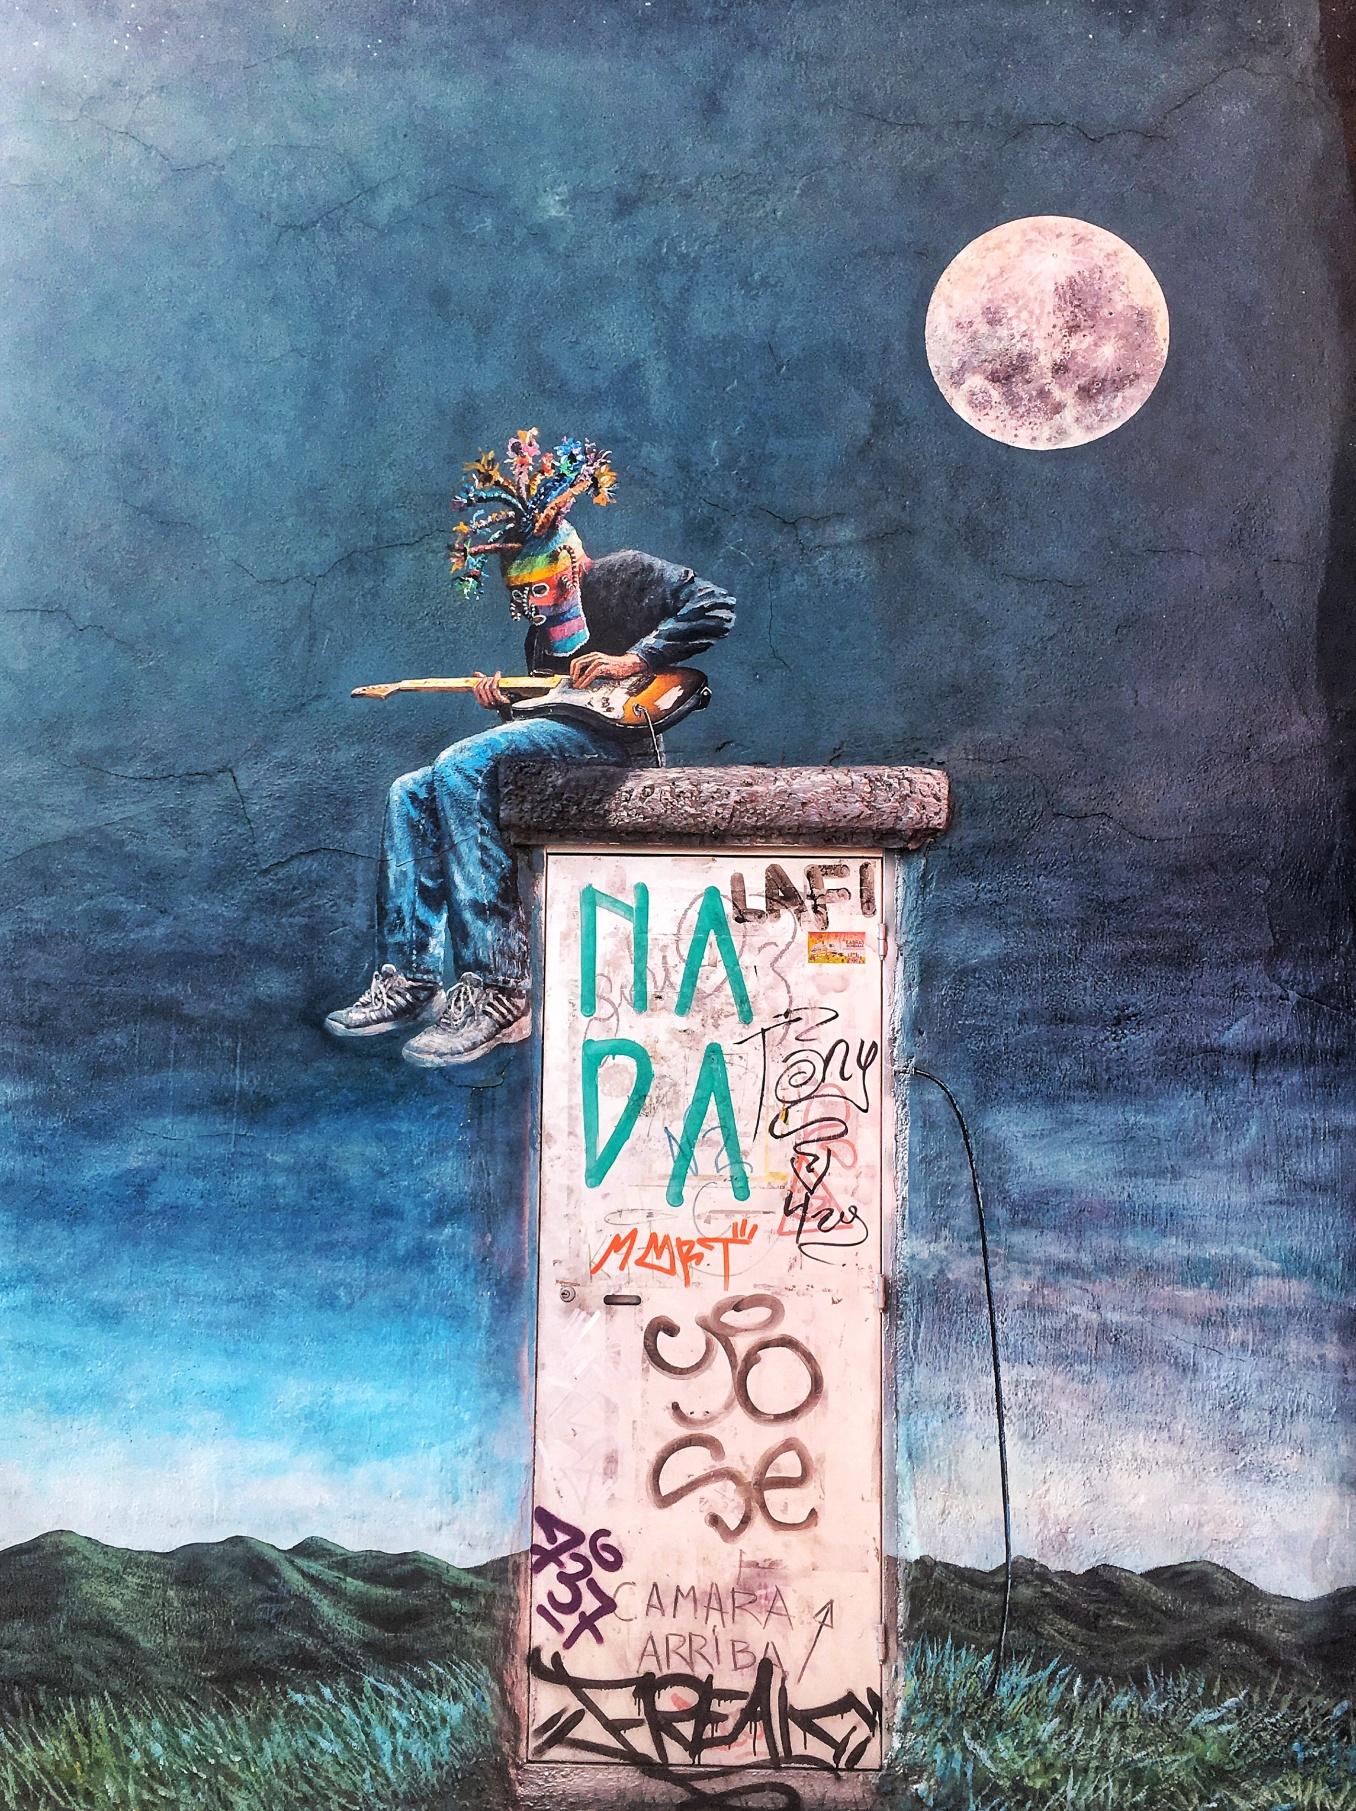 Guitarist Mural in Cuenca, Ecuador